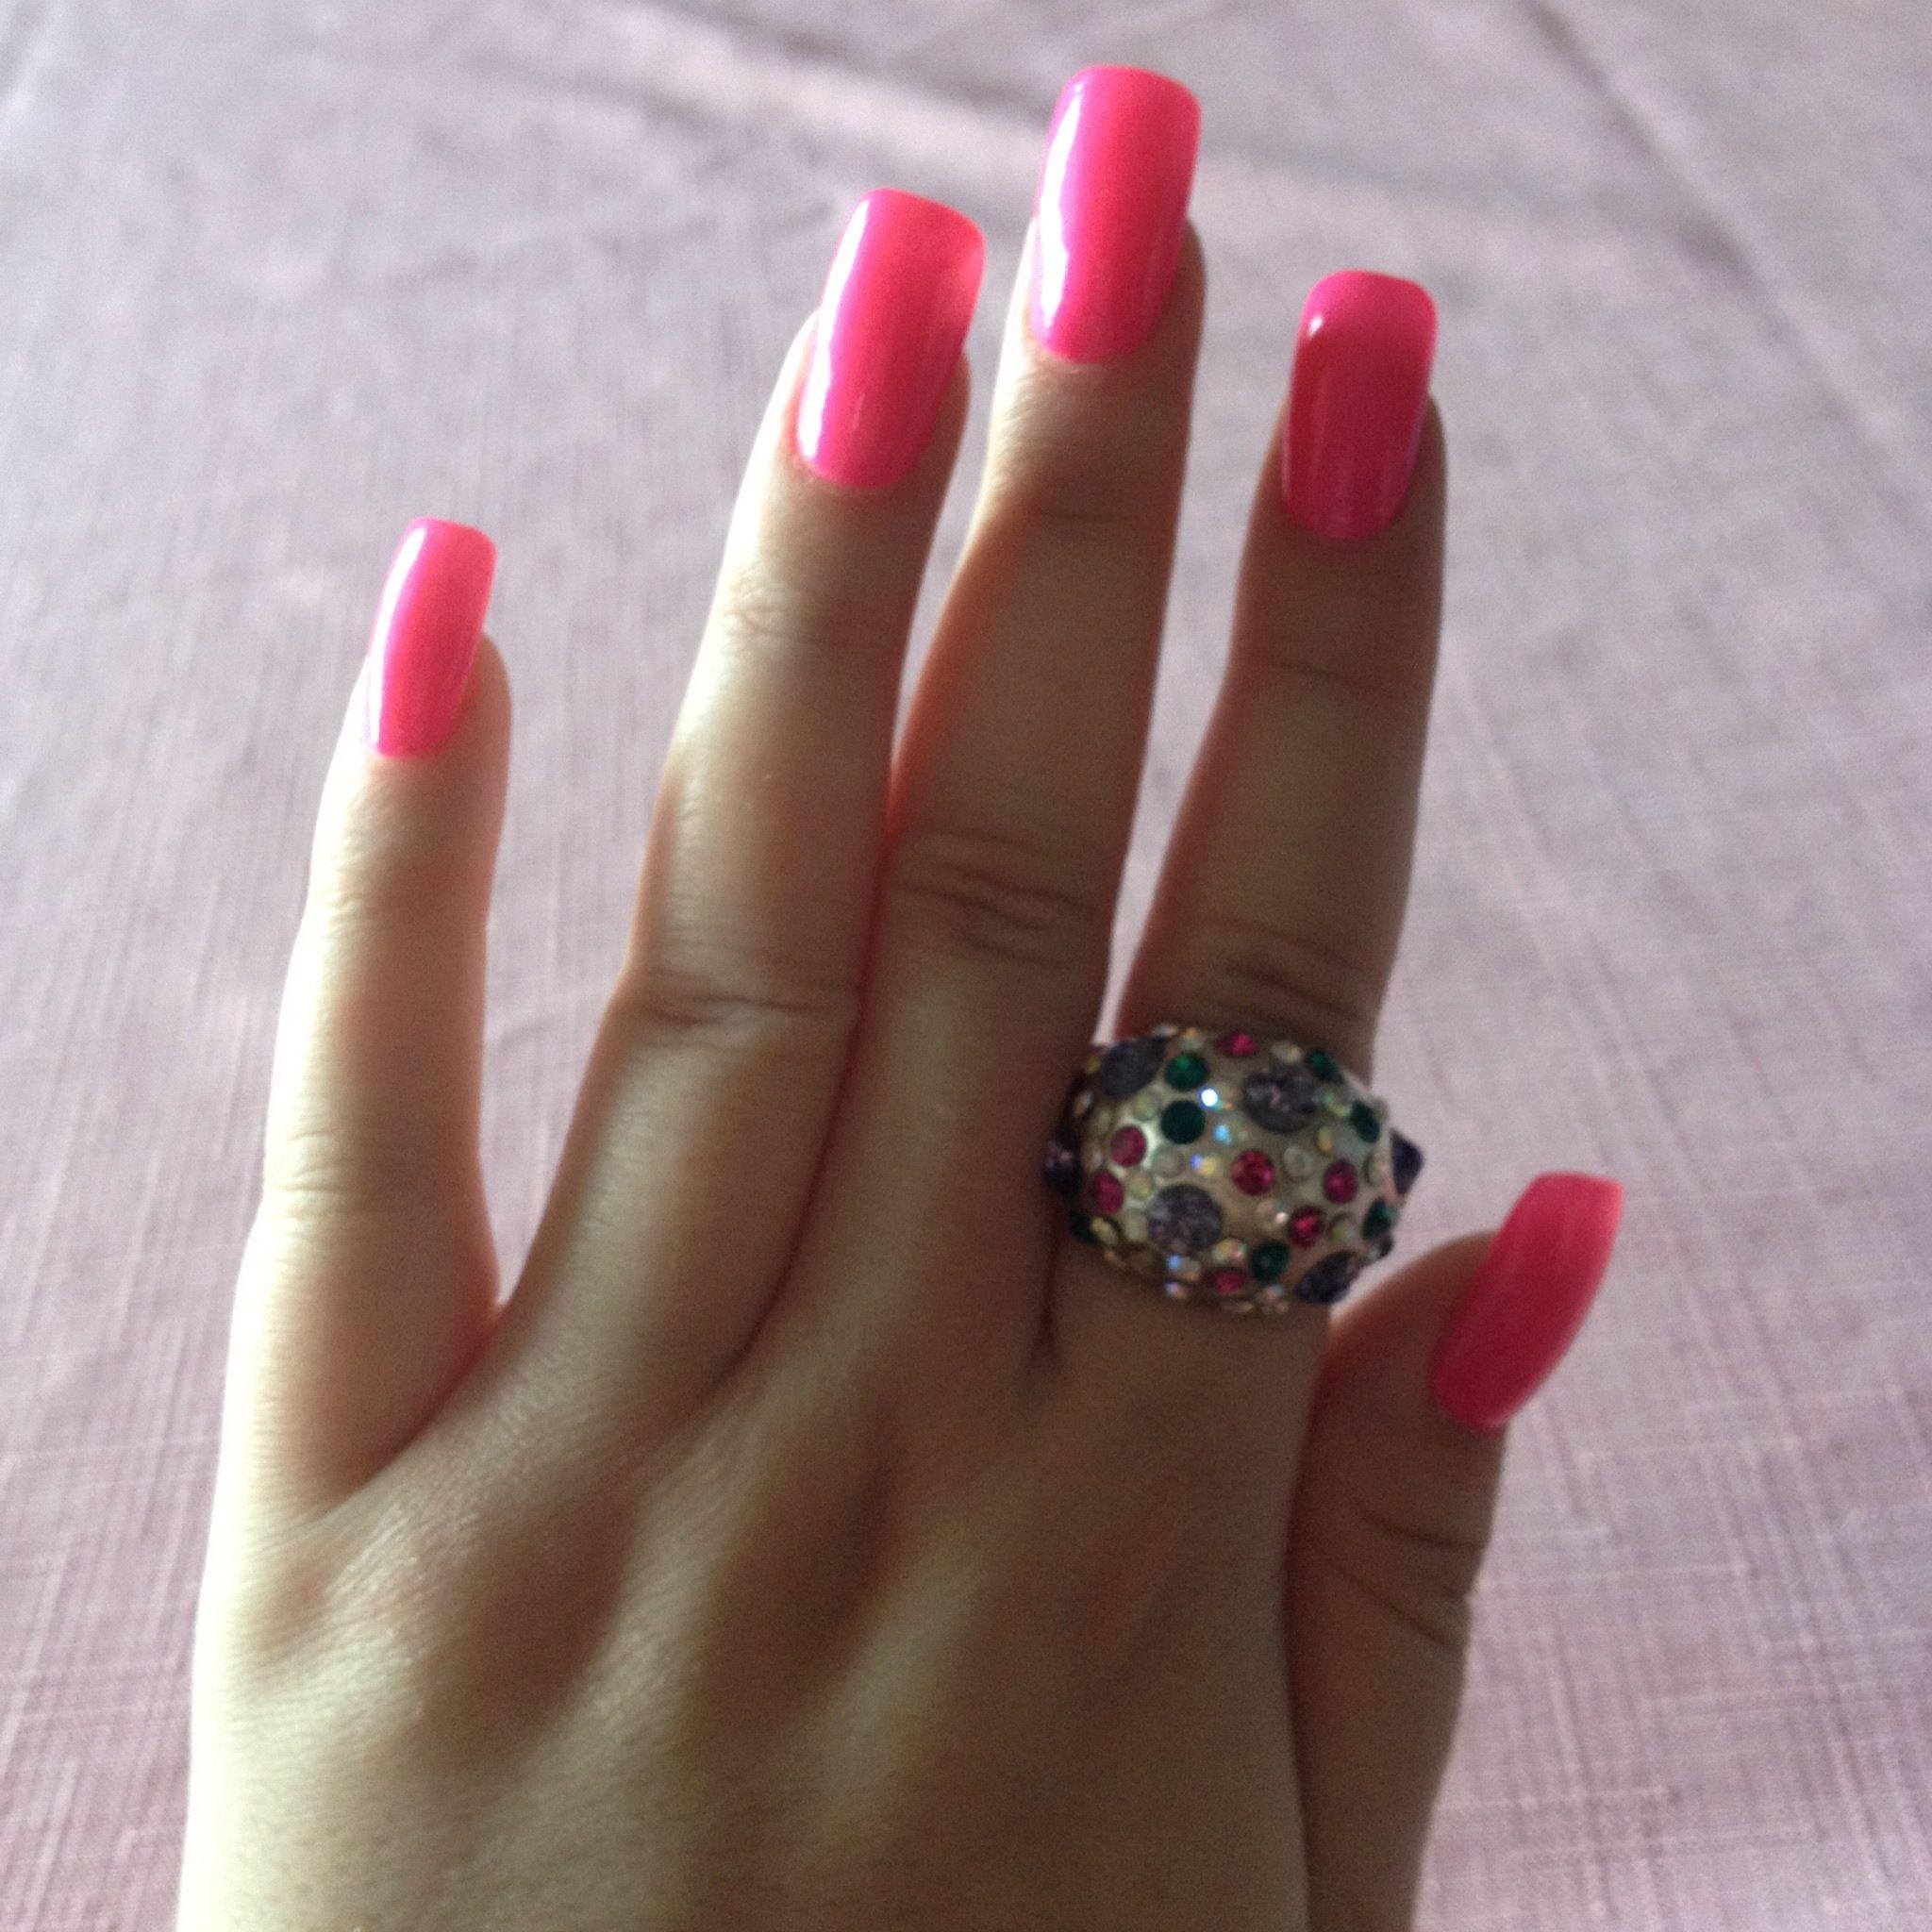 Fake Nails: Long Fake Nails .. Bright Pink